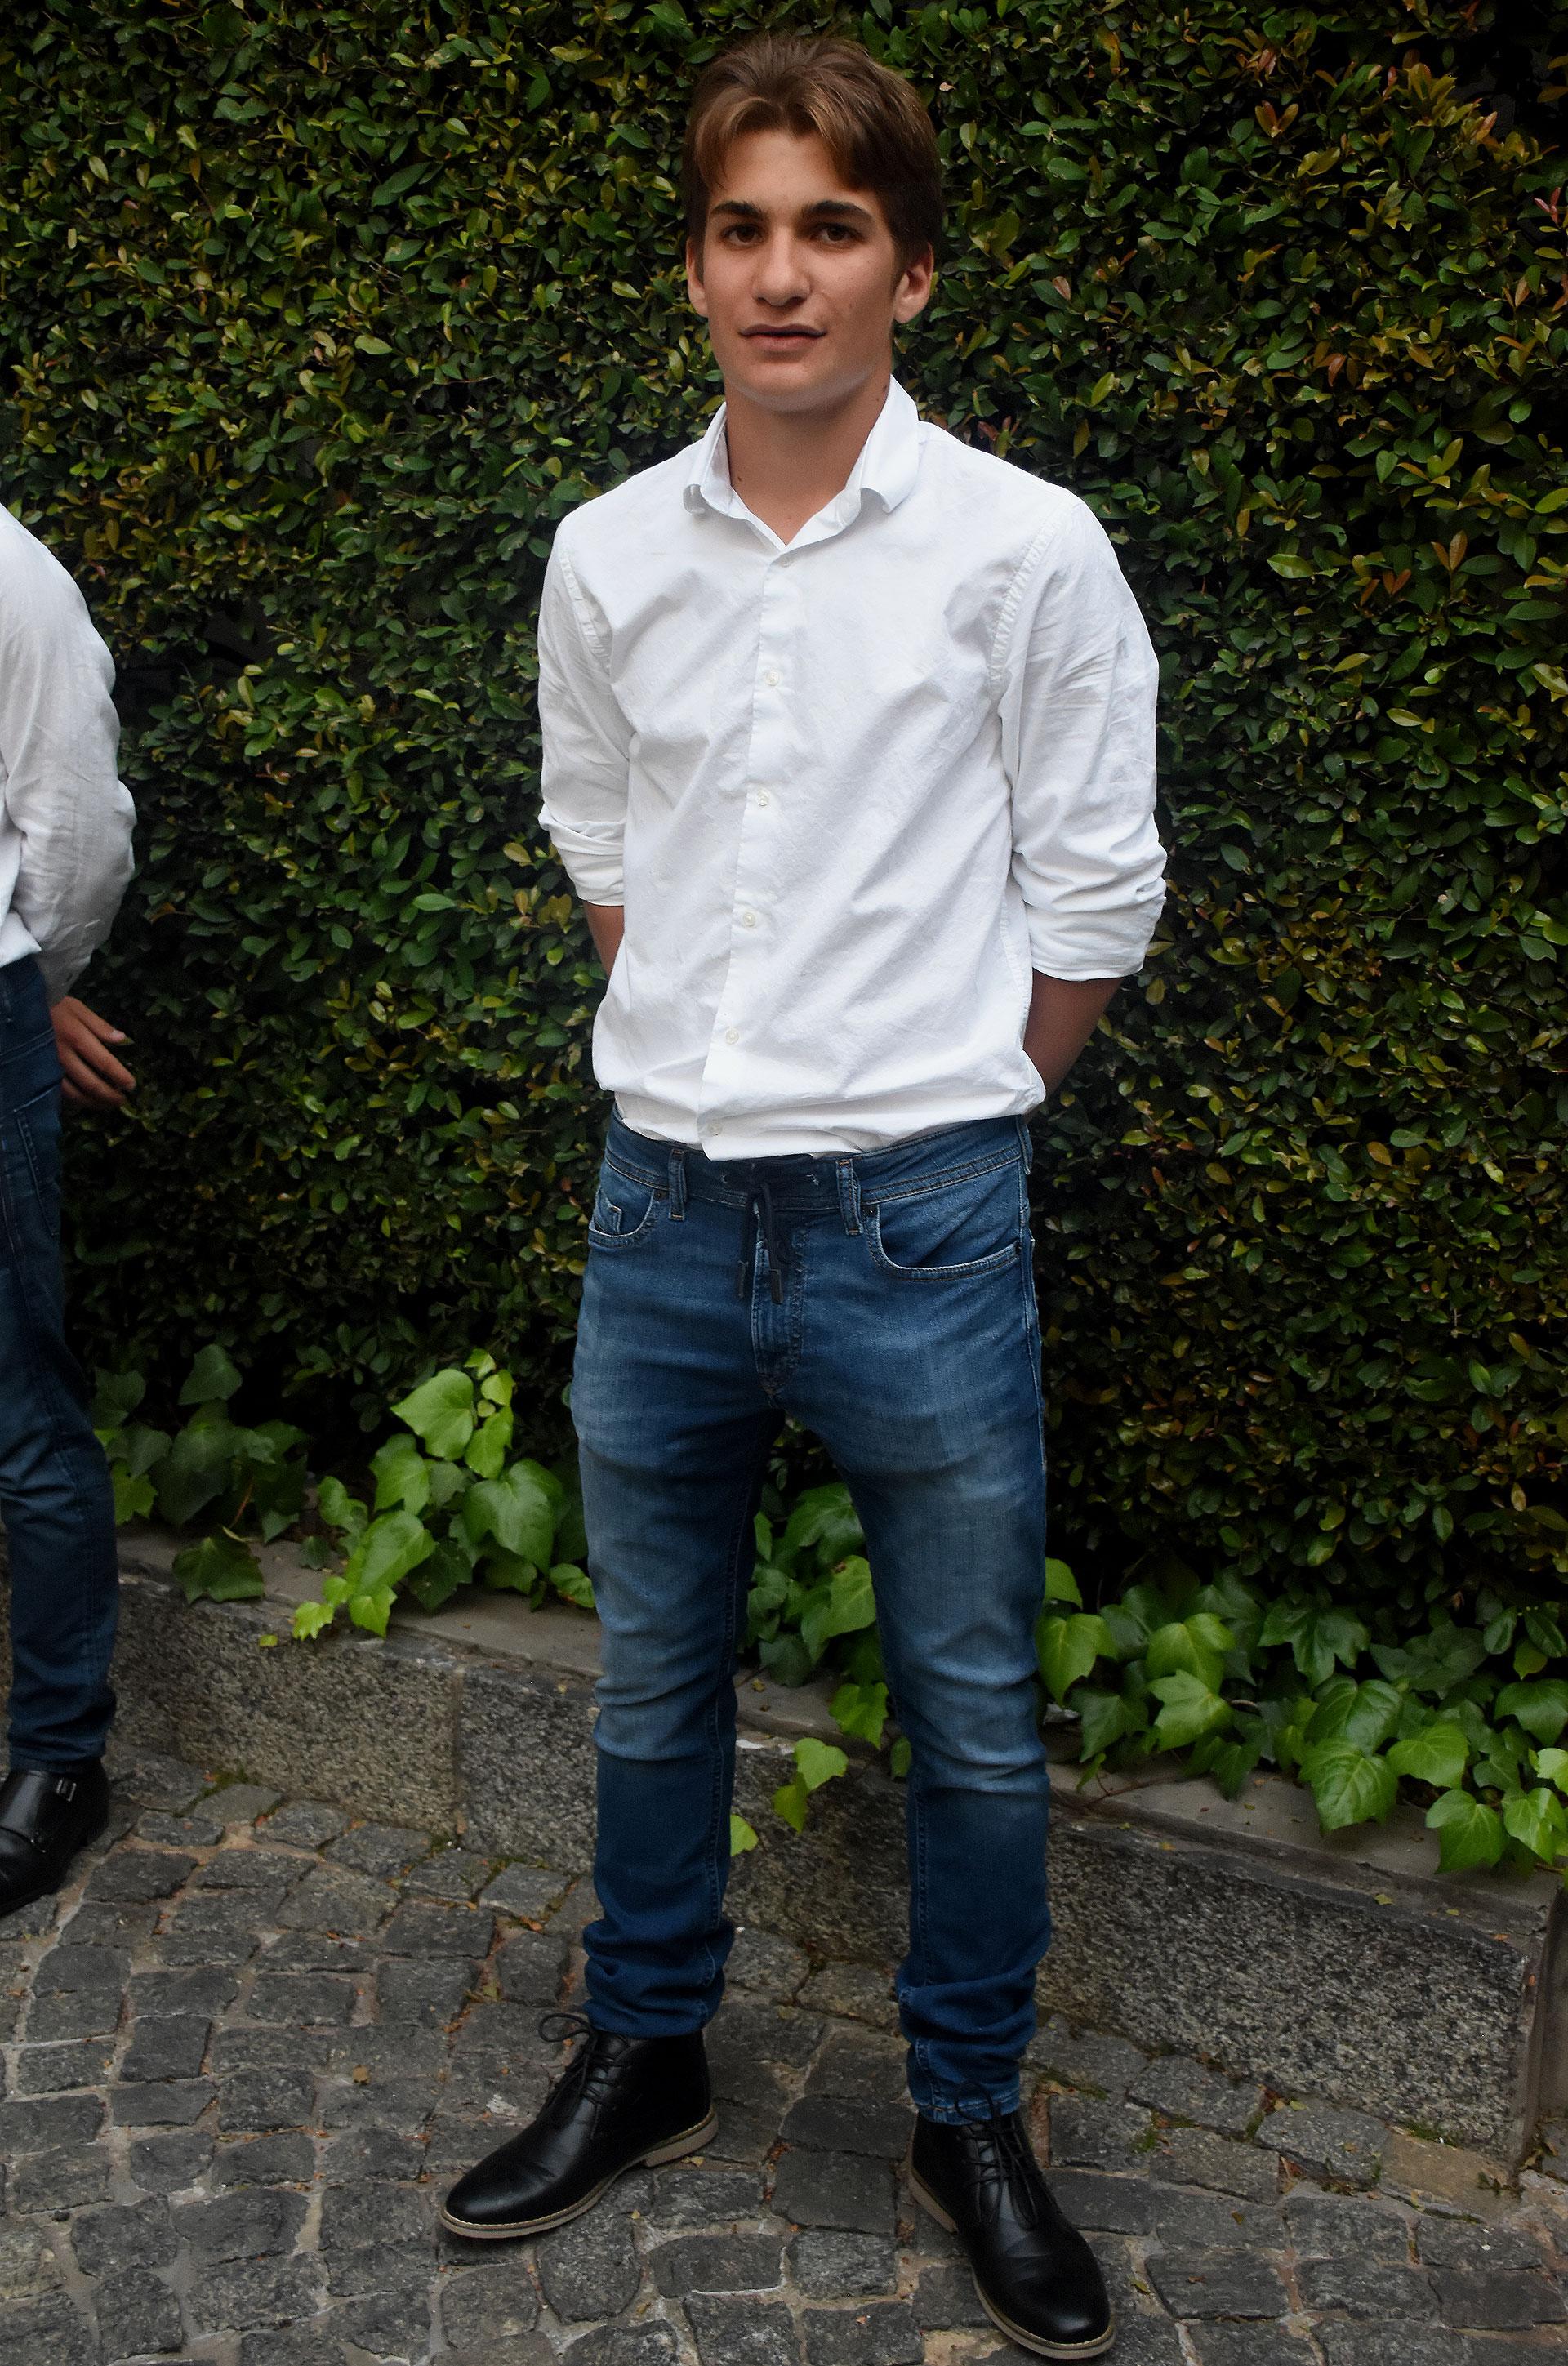 Camilo Castagnola. Junto a su hermano Bartolomé (h), son reconocidos no solo por su talento a nivel internacional, sino también por ser los más jóvenes del circuito